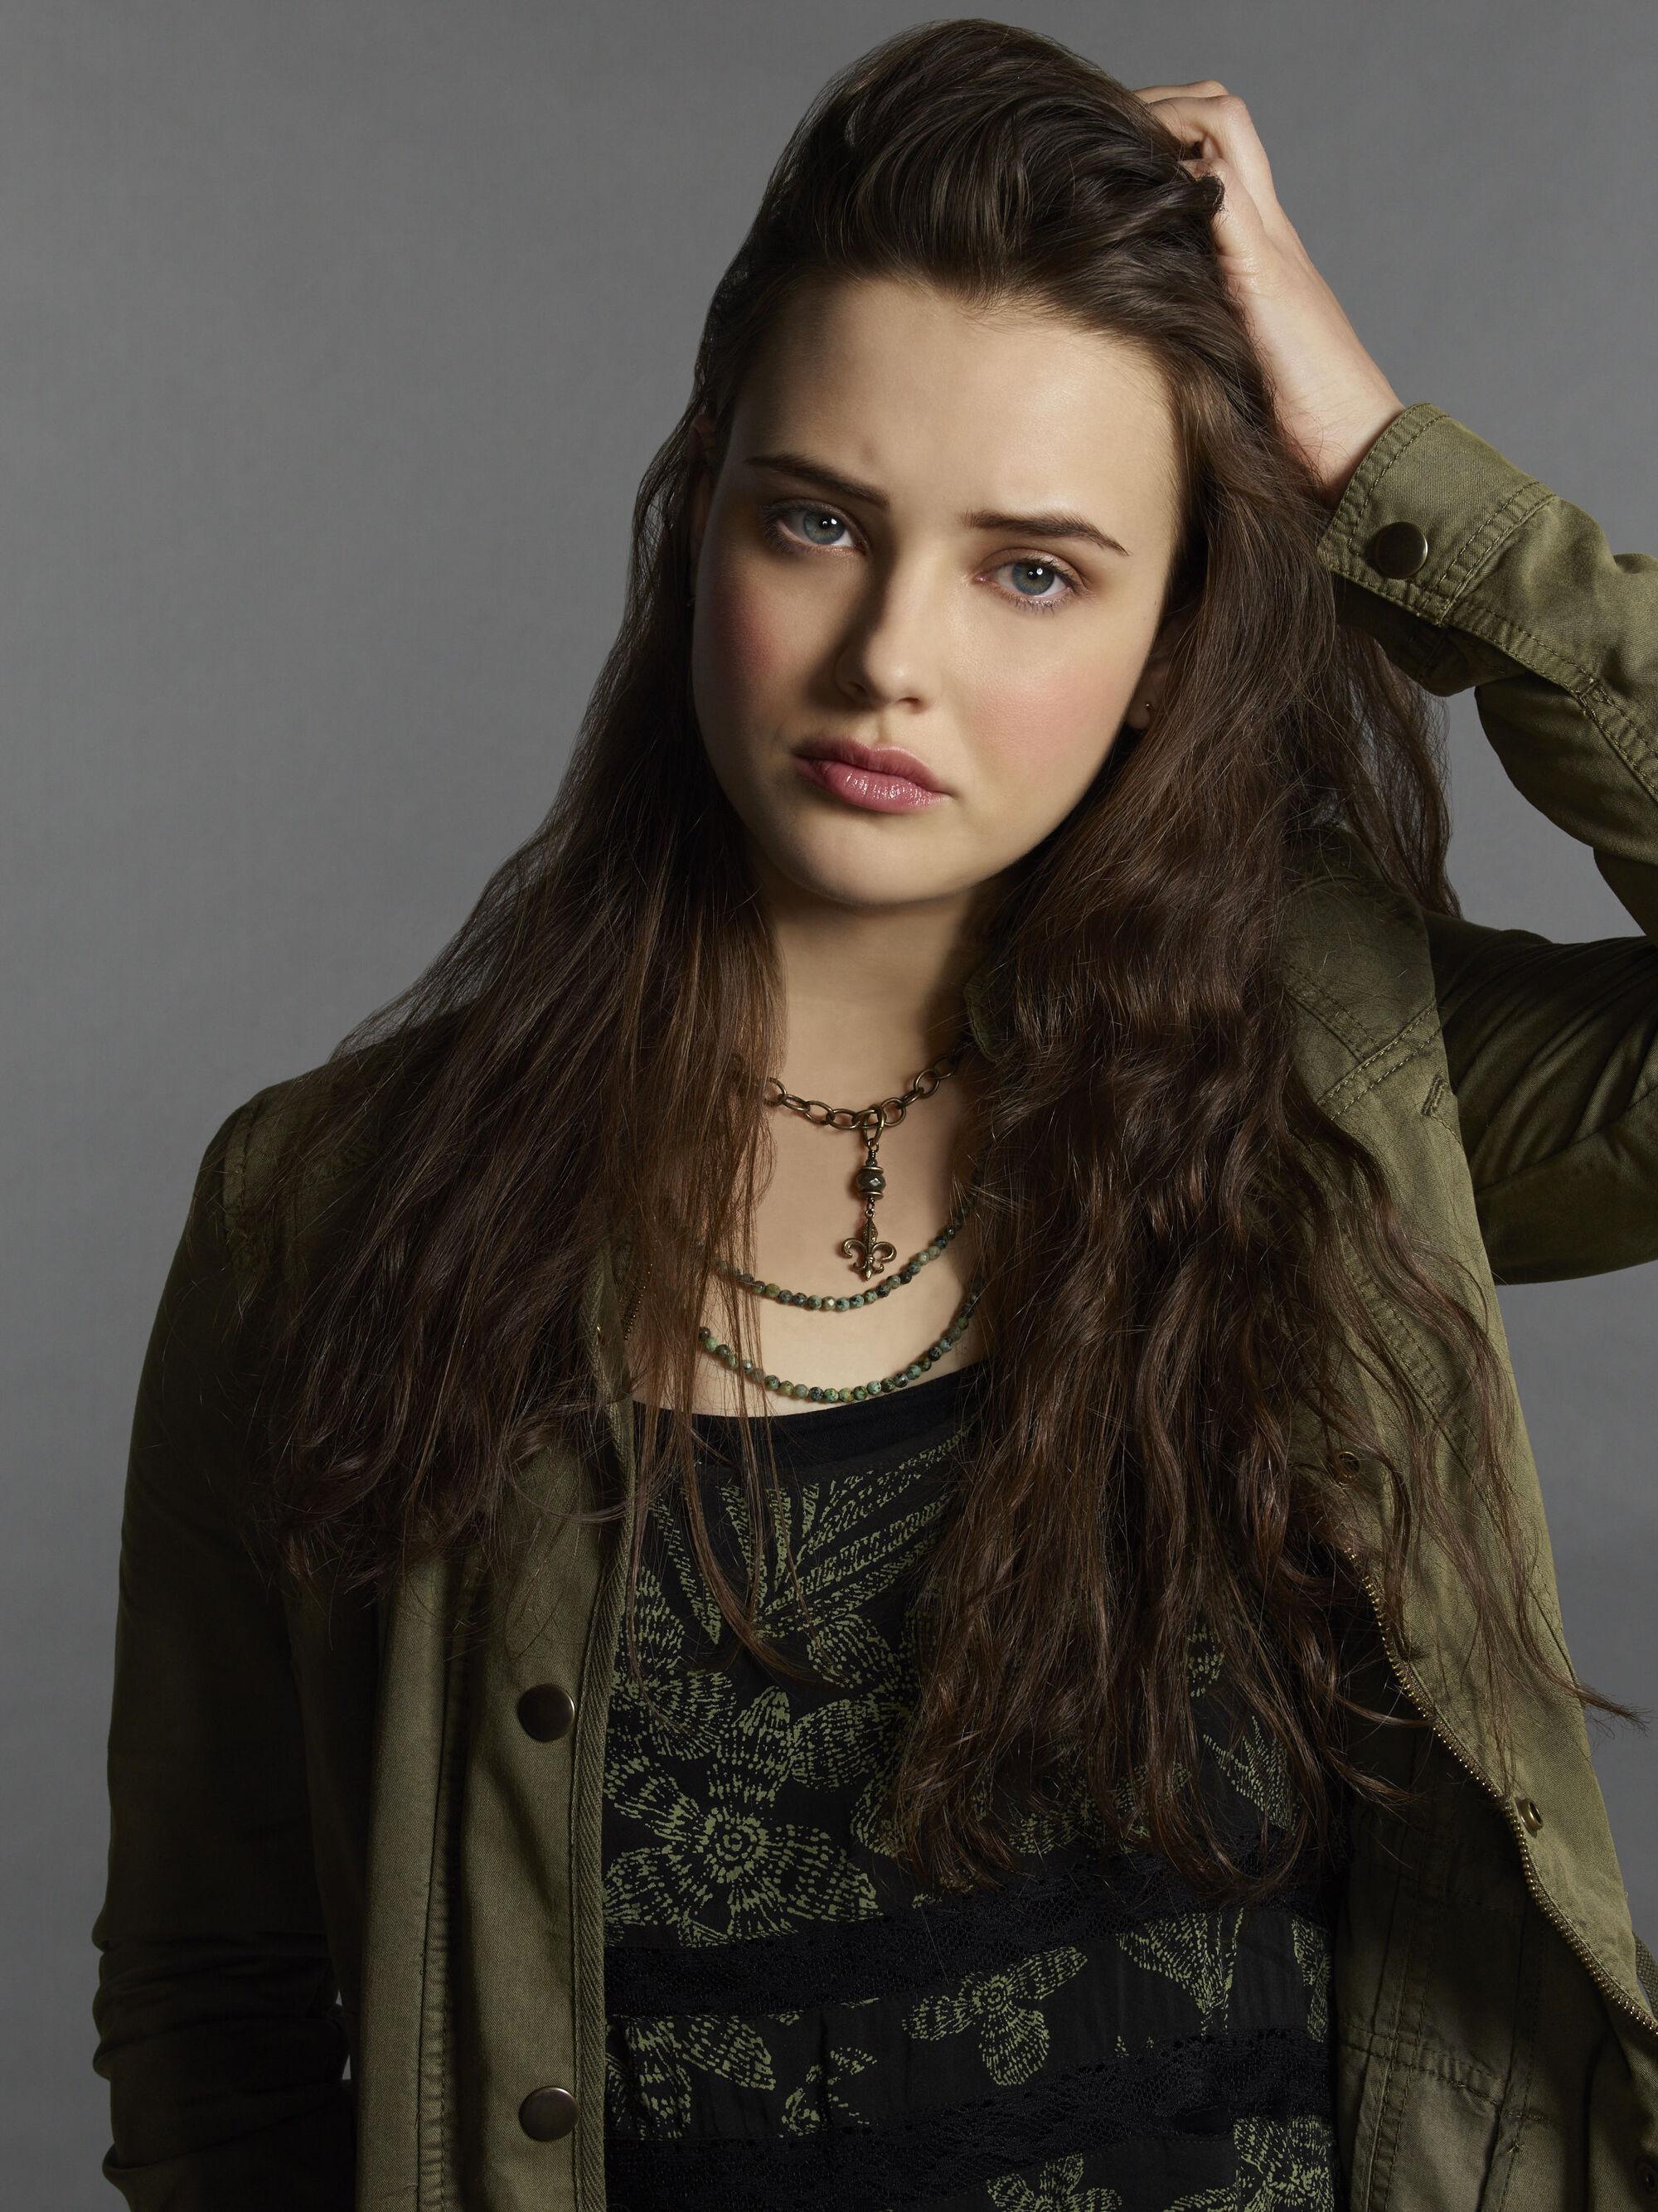 Renesmee Cullen The Twilight Fanon Wiki Fandom Powered By Wikia